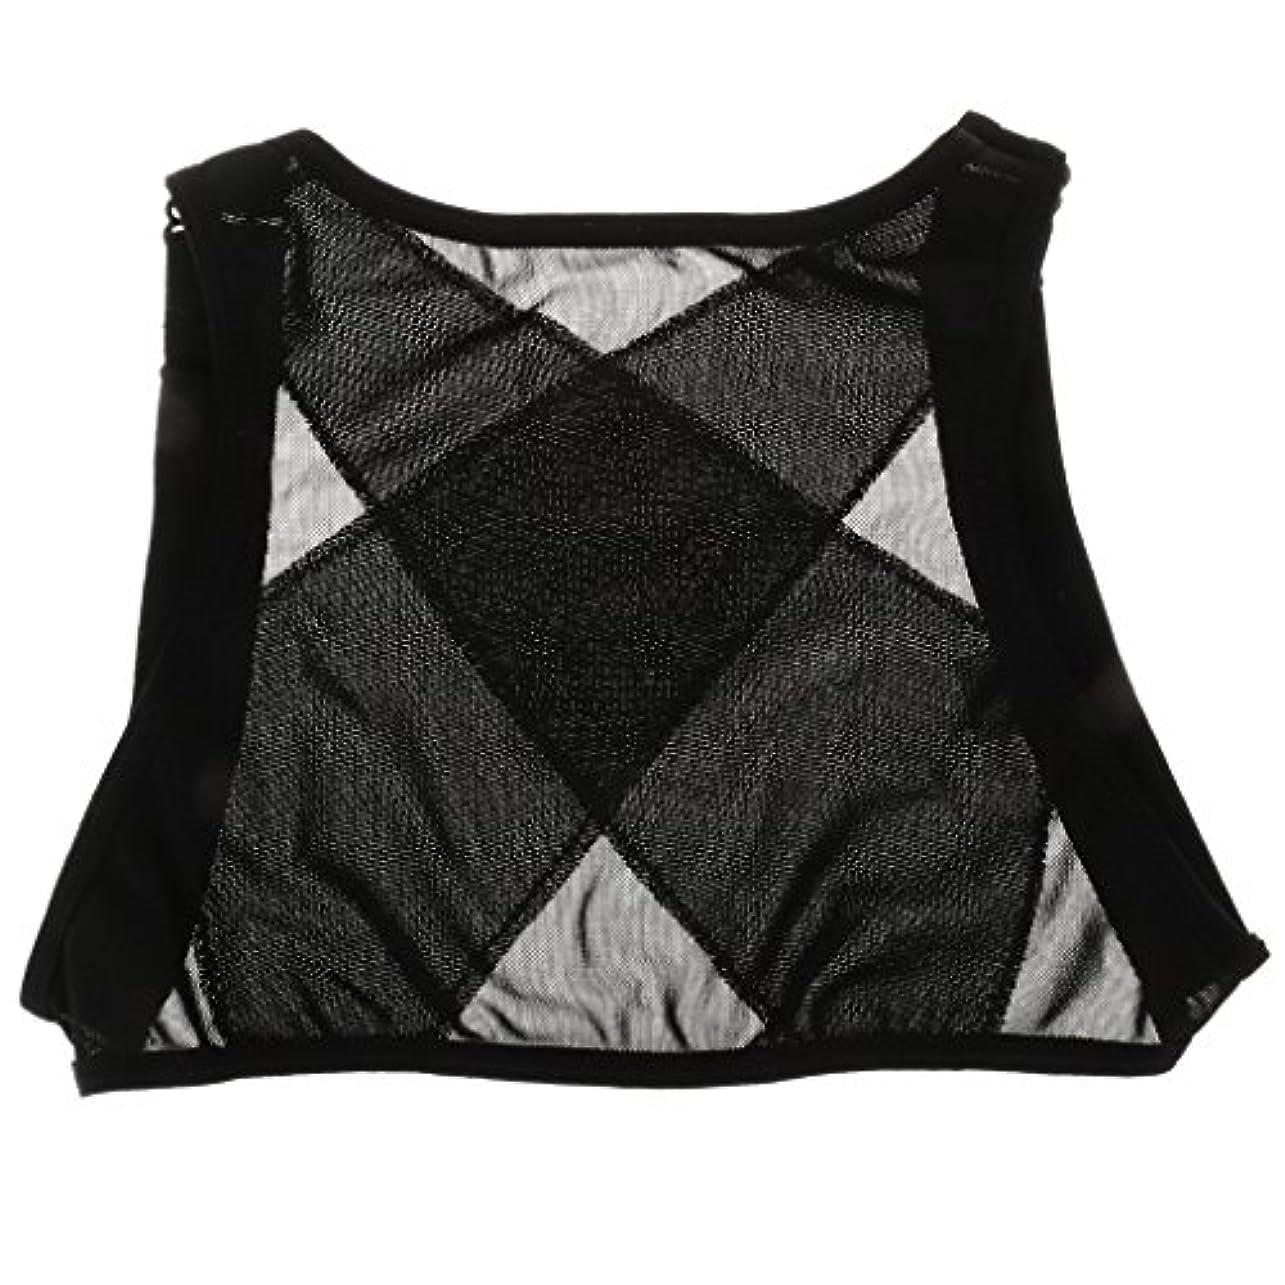 敬の念再生的従者Dovewill ネット糸 ランニング 背中サポーター 矯正ベルト 姿勢改善 ベスト 2サイズ選べる - M